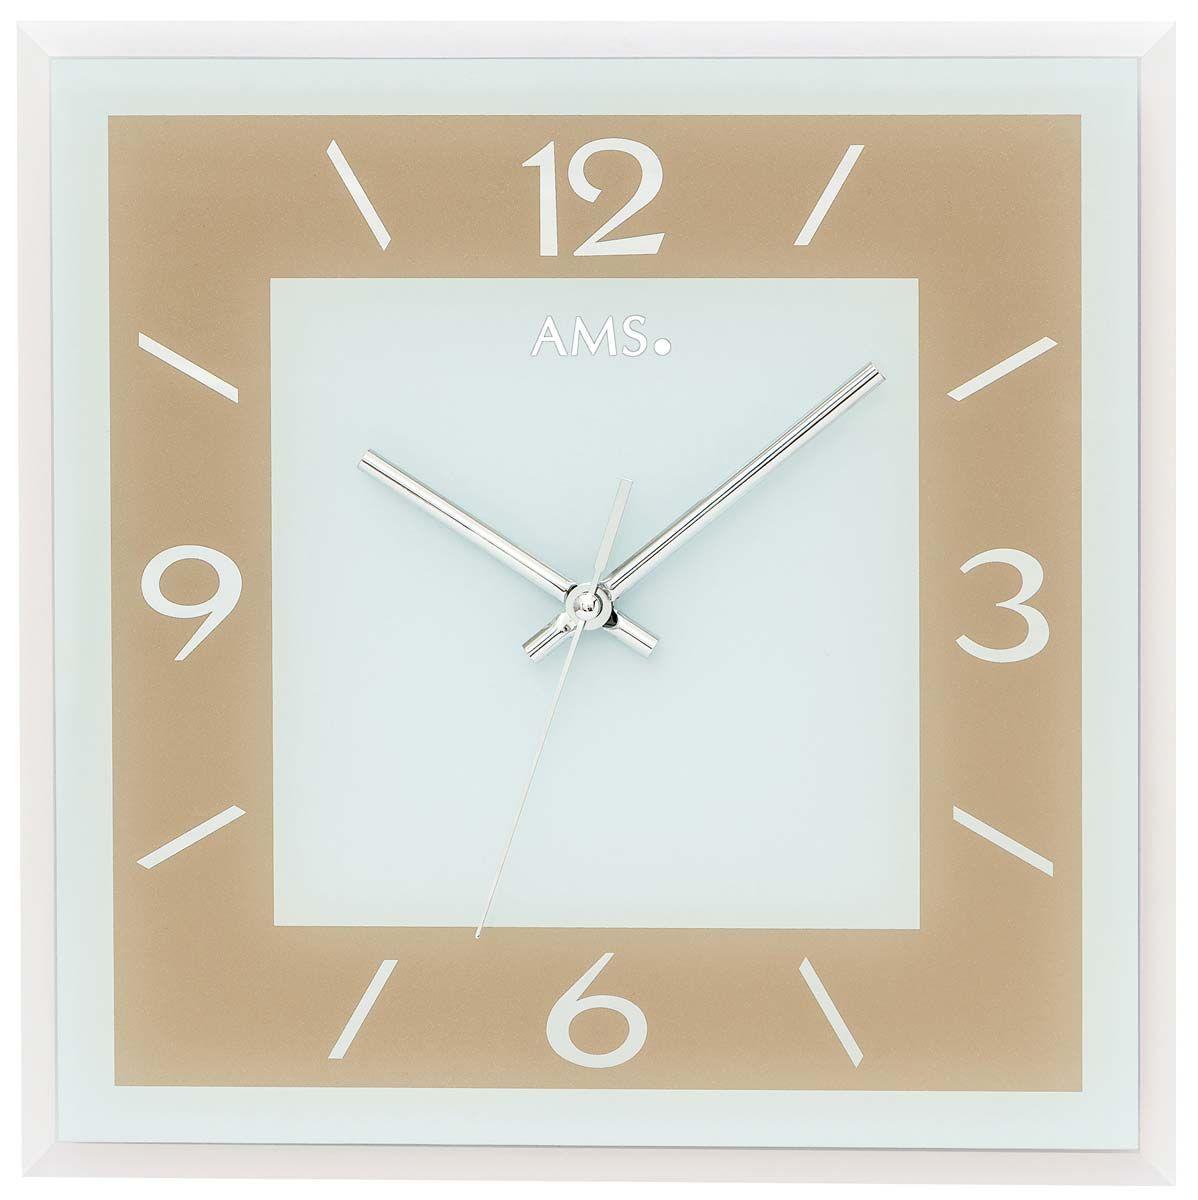 Nástěnné hodiny čtvercové skleněné ams 9574 zlatá